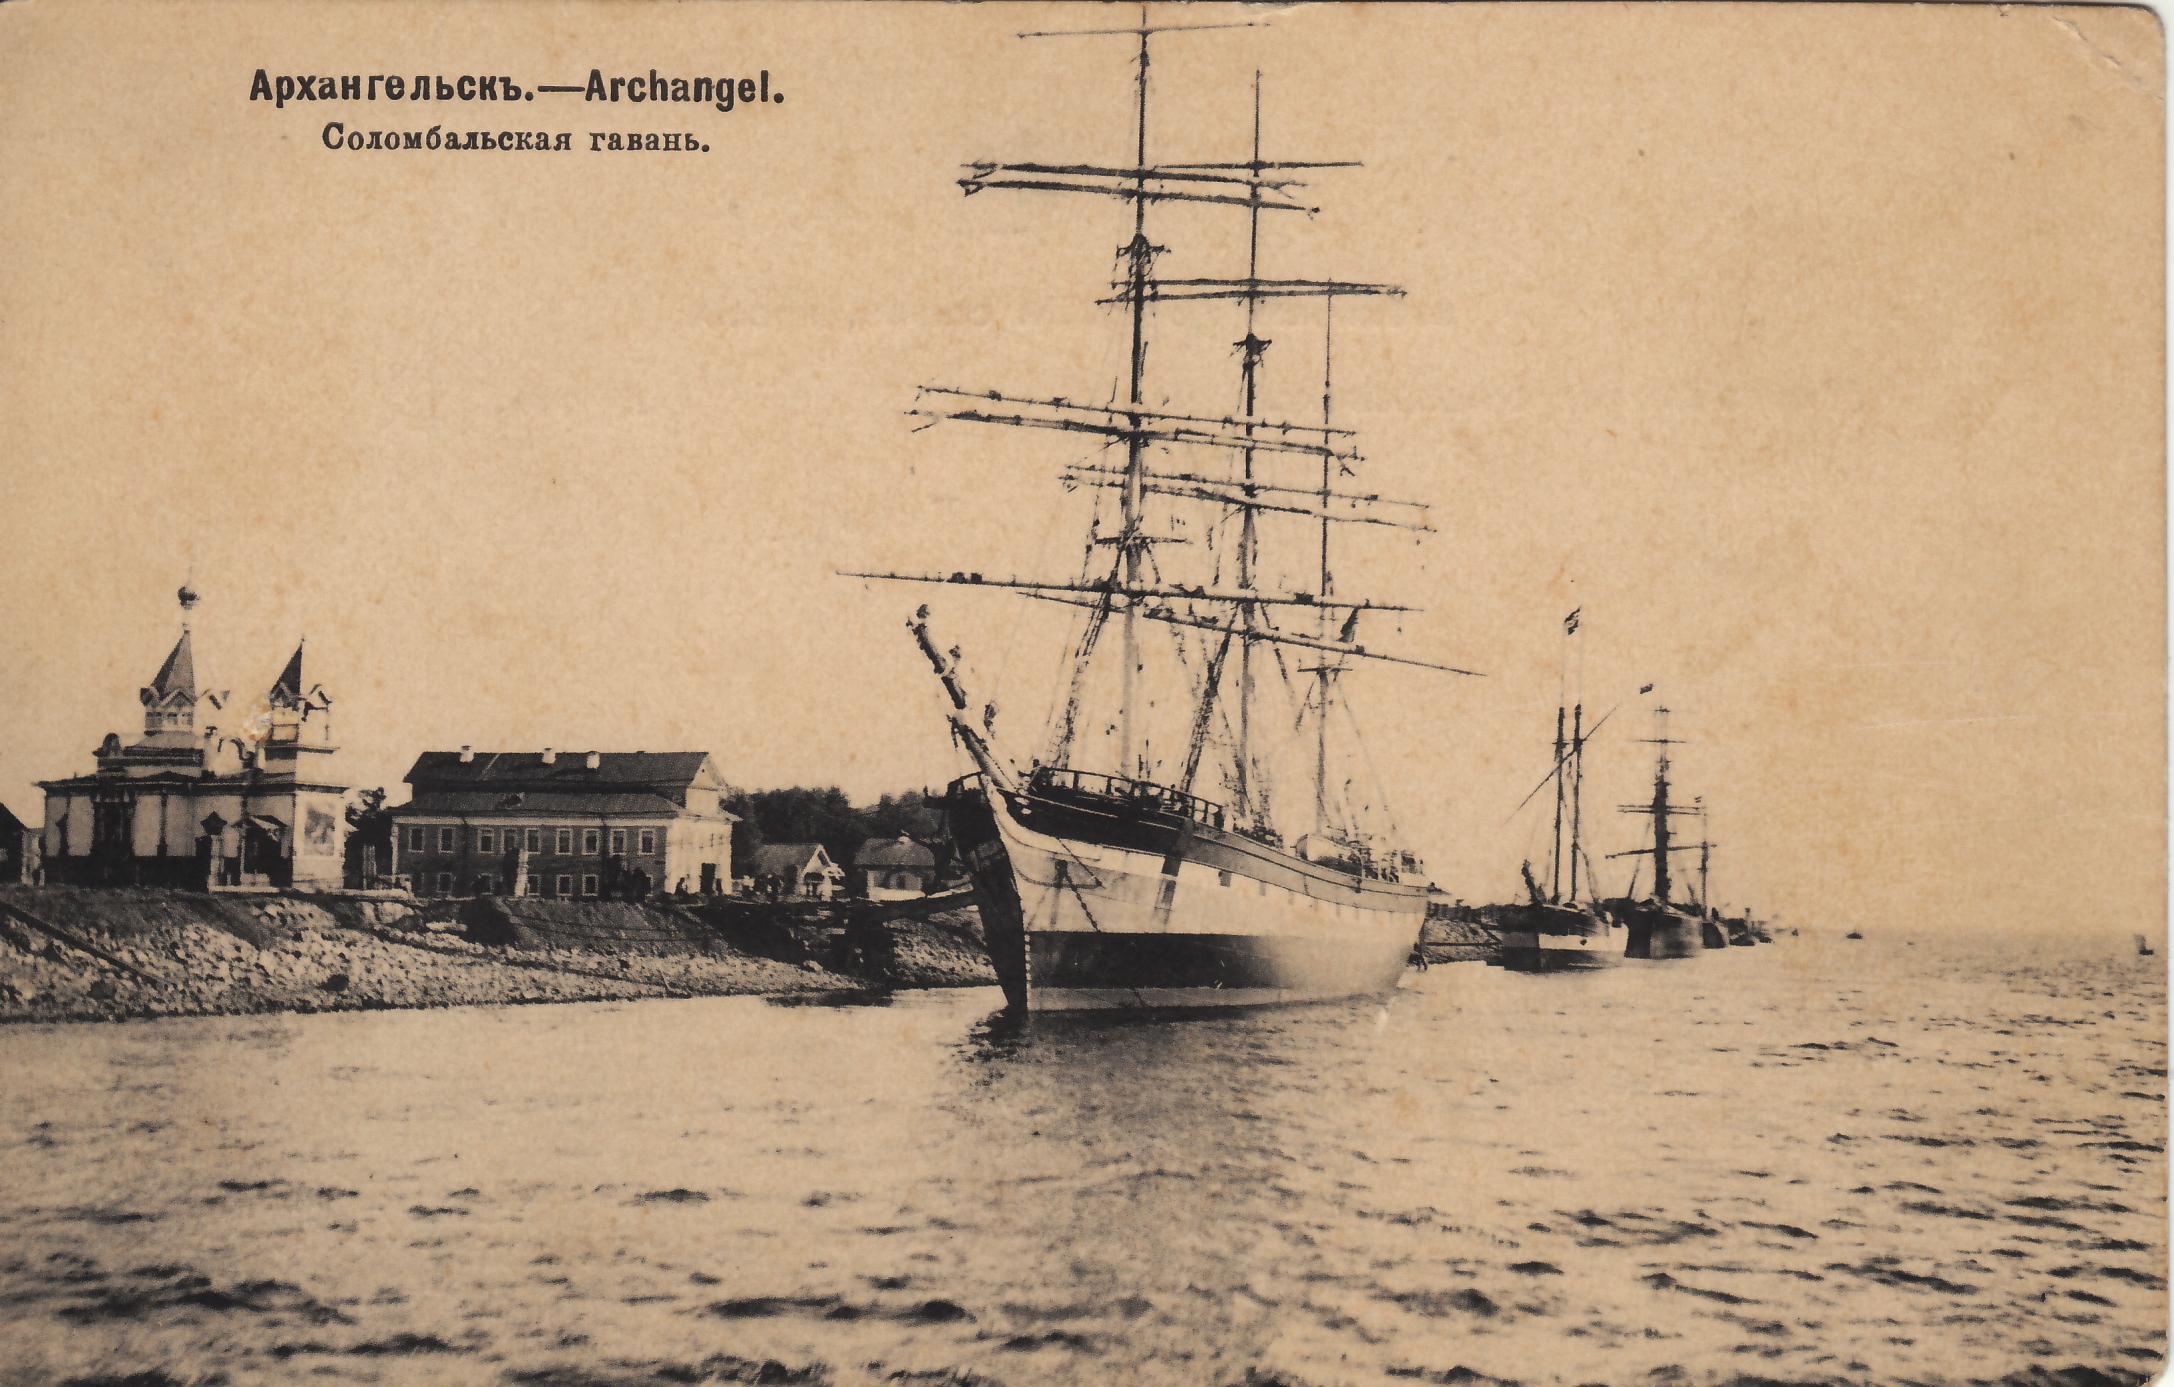 Соломбальская гавань